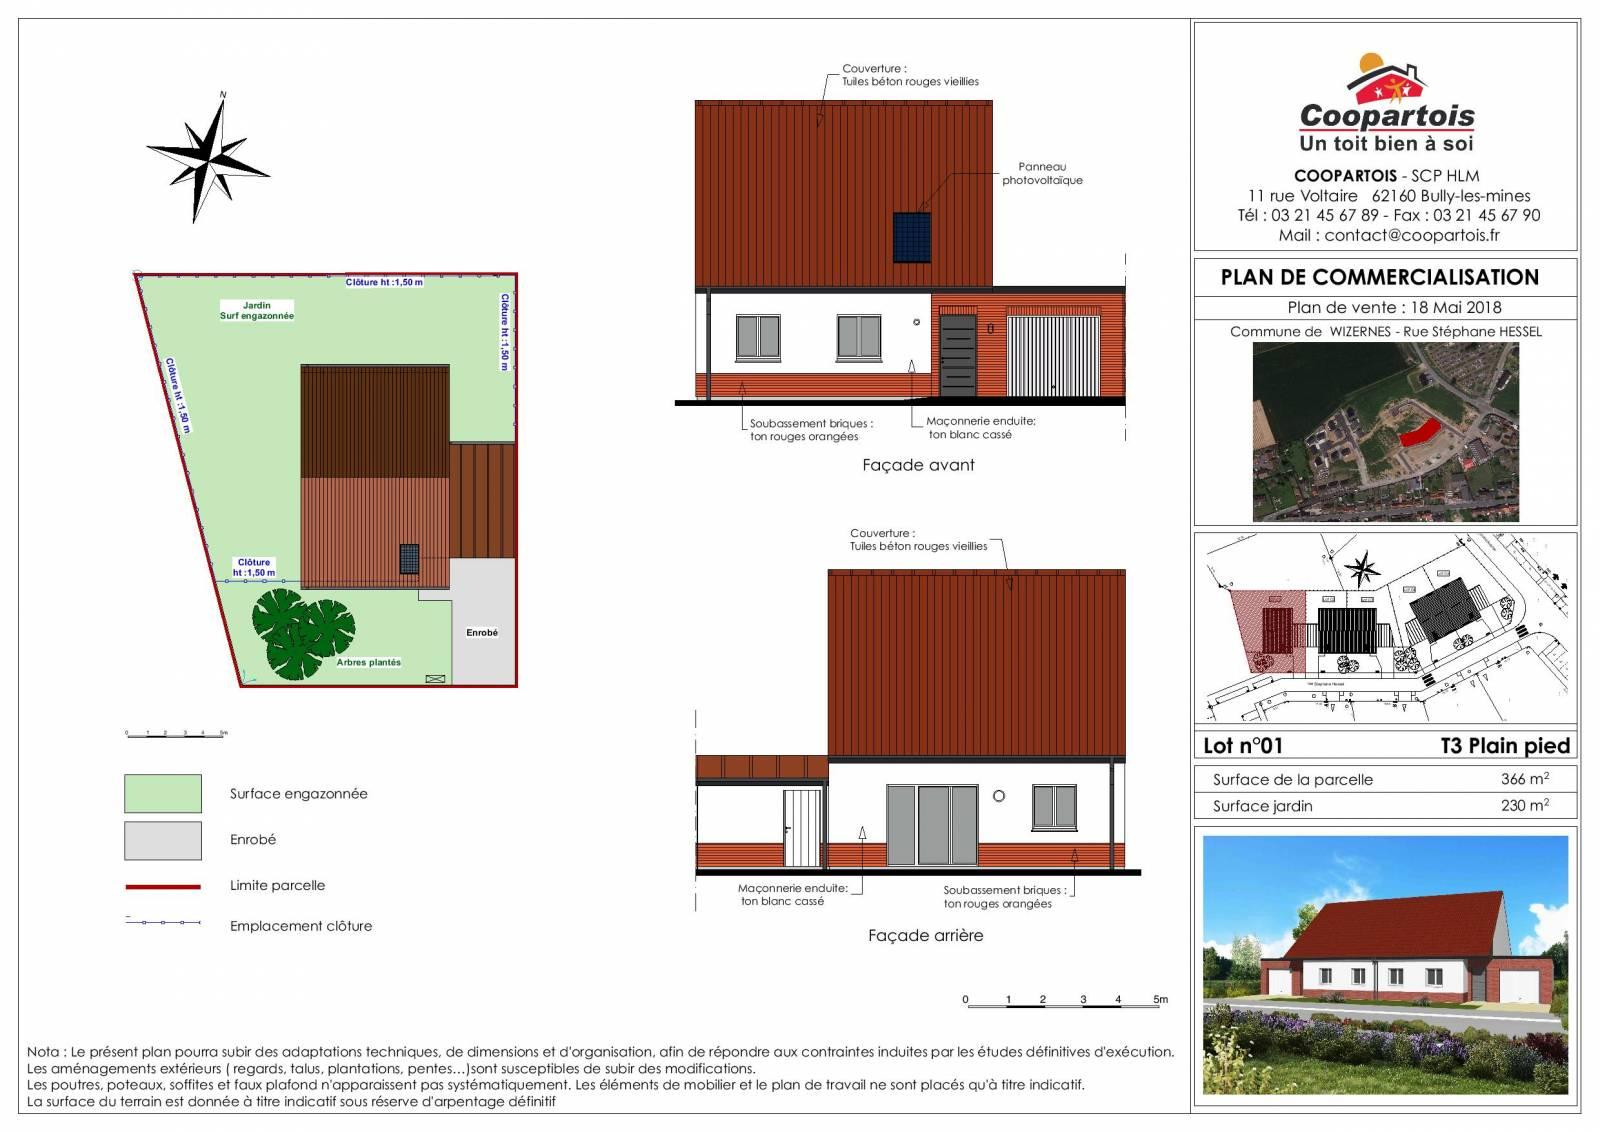 Maison neuve de plain pied 2 chambres coopartois - La maison ysy par le studio auau ...